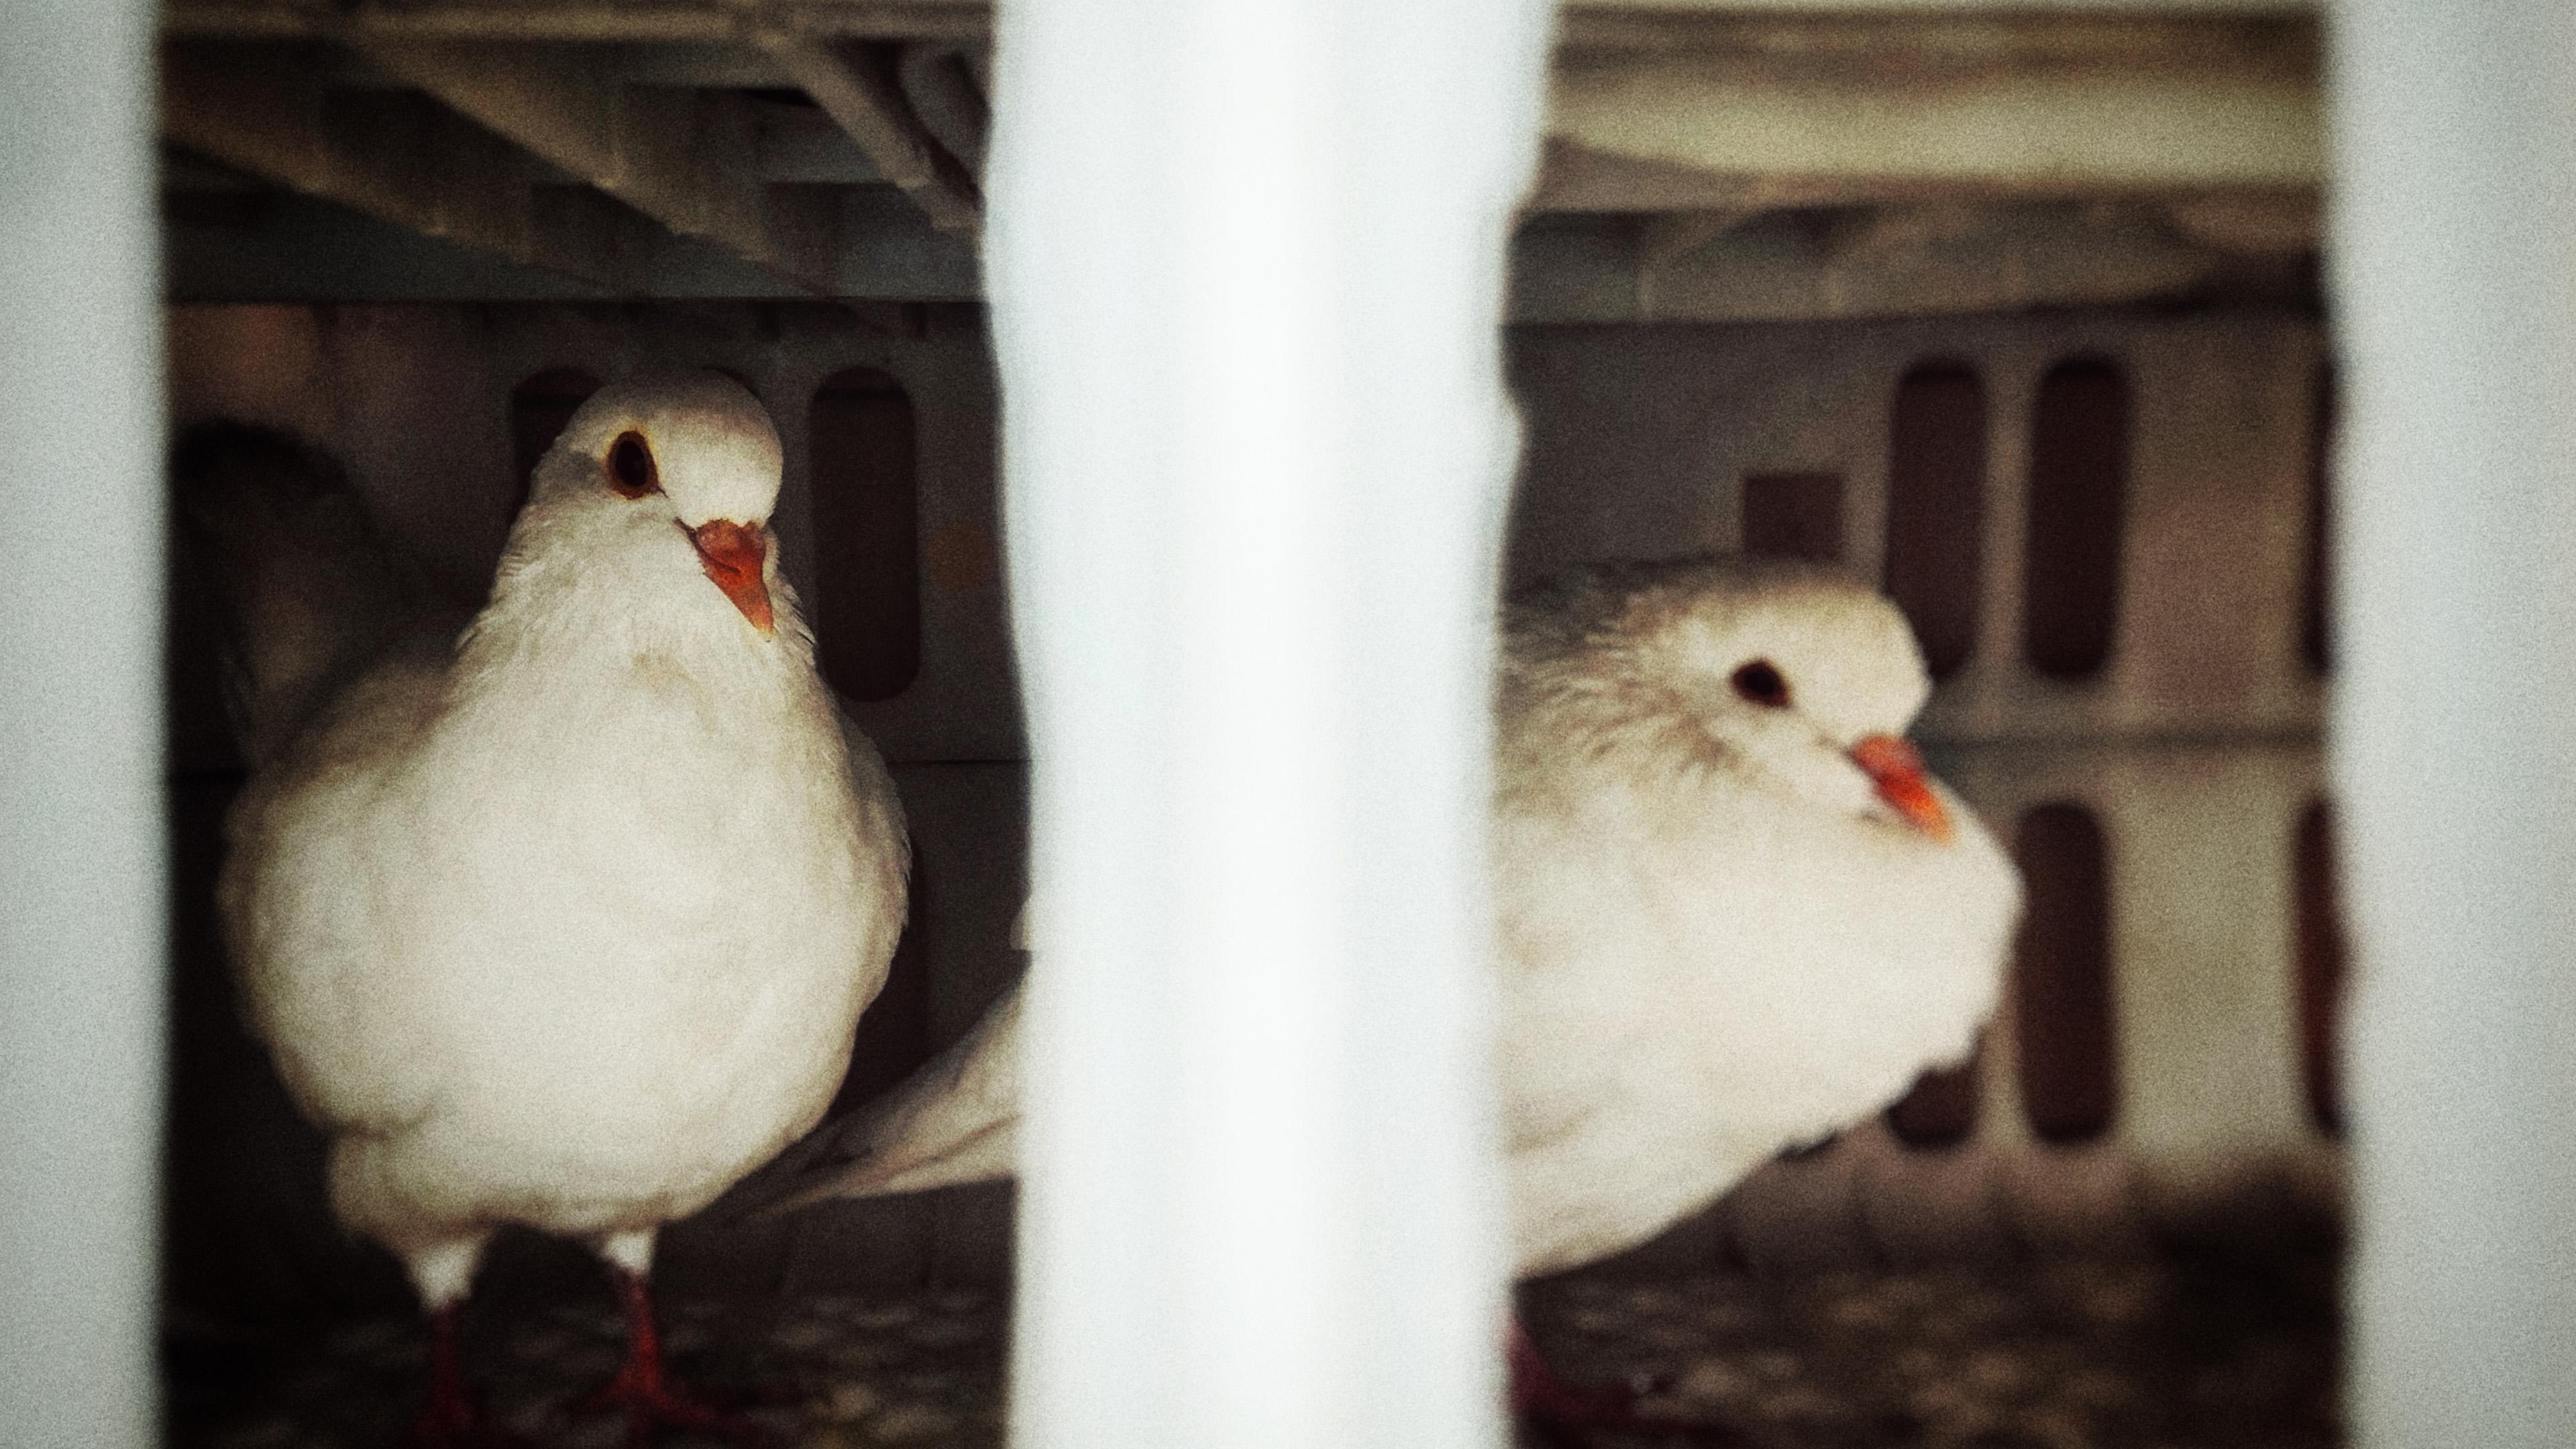 萌宠动物,小鸟天地,鸽子,笼子,白鸽